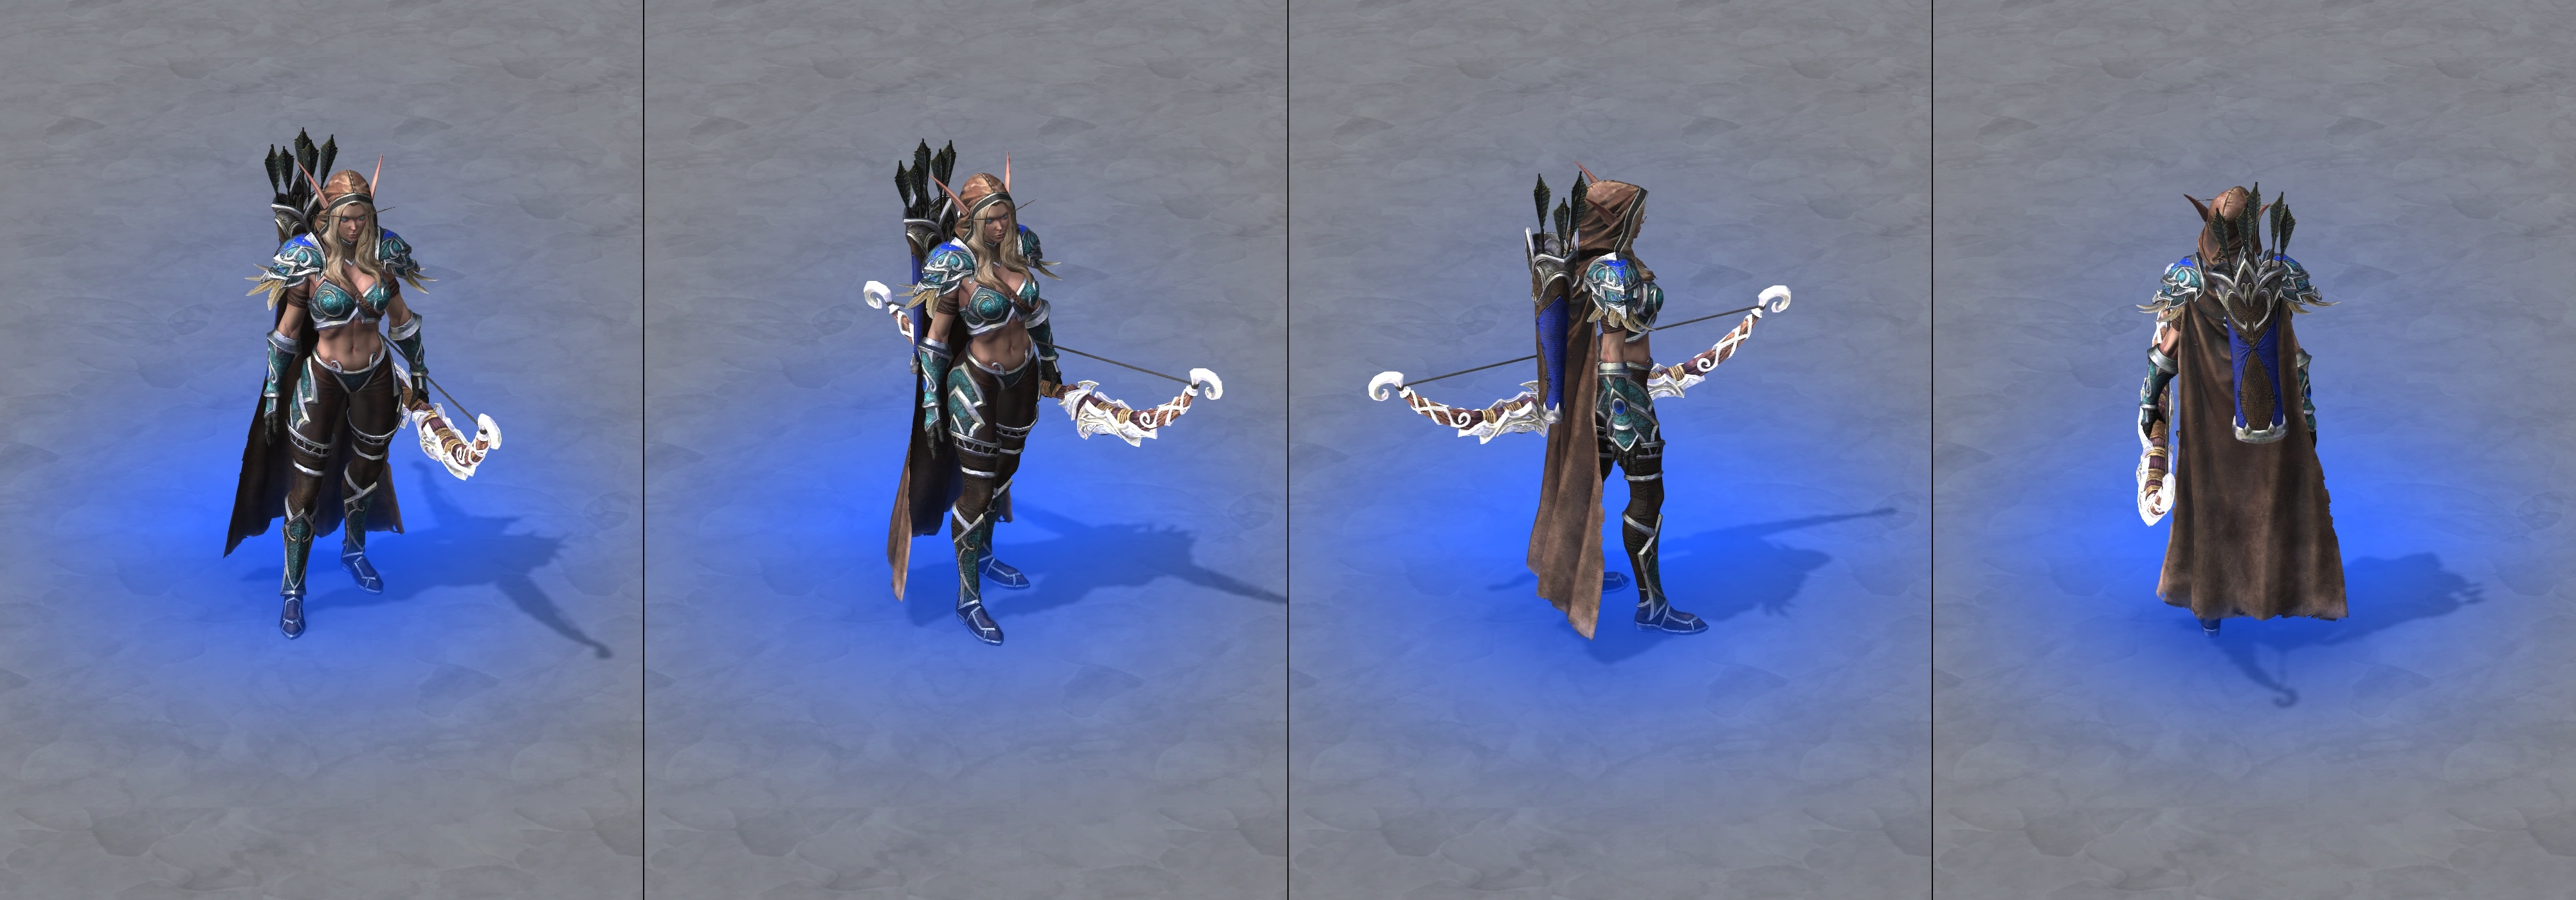 Warcraft III Reforged : Sylvanas Windrunner